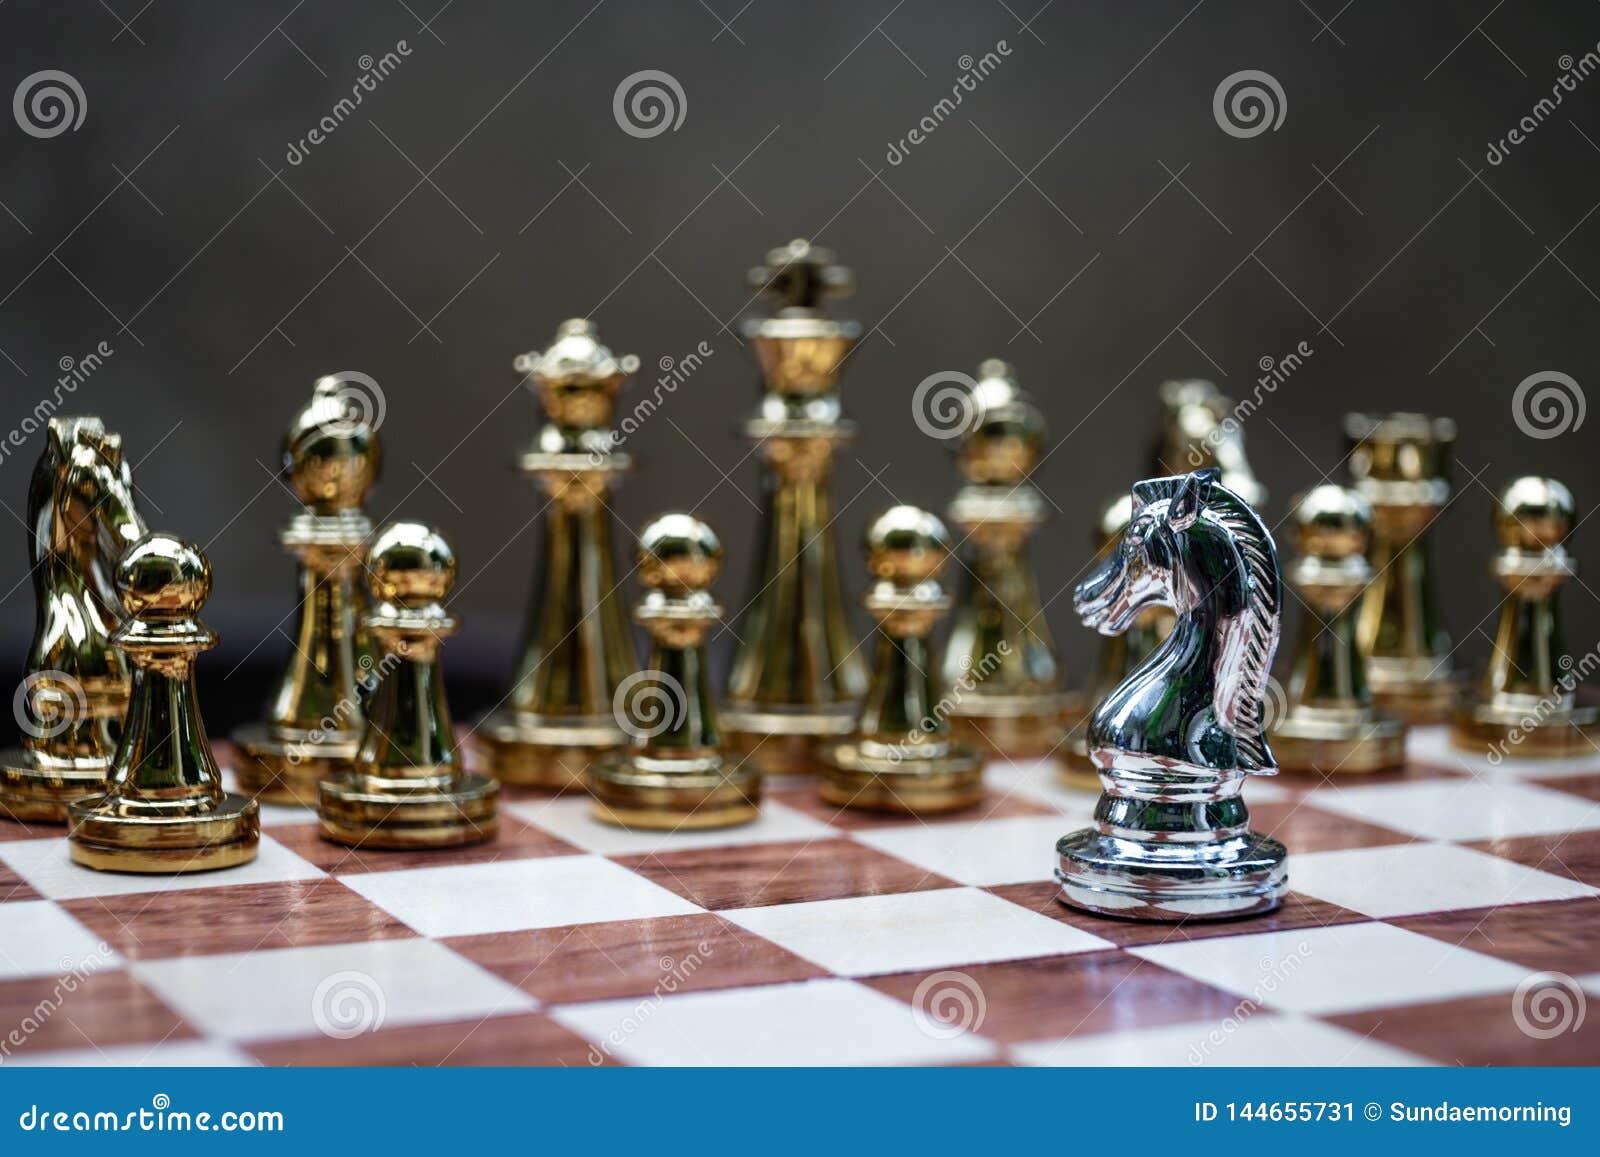 Επιτραπέζιο παιχνίδι σκακιού, επιχειρησιακή ανταγωνιστική έννοια